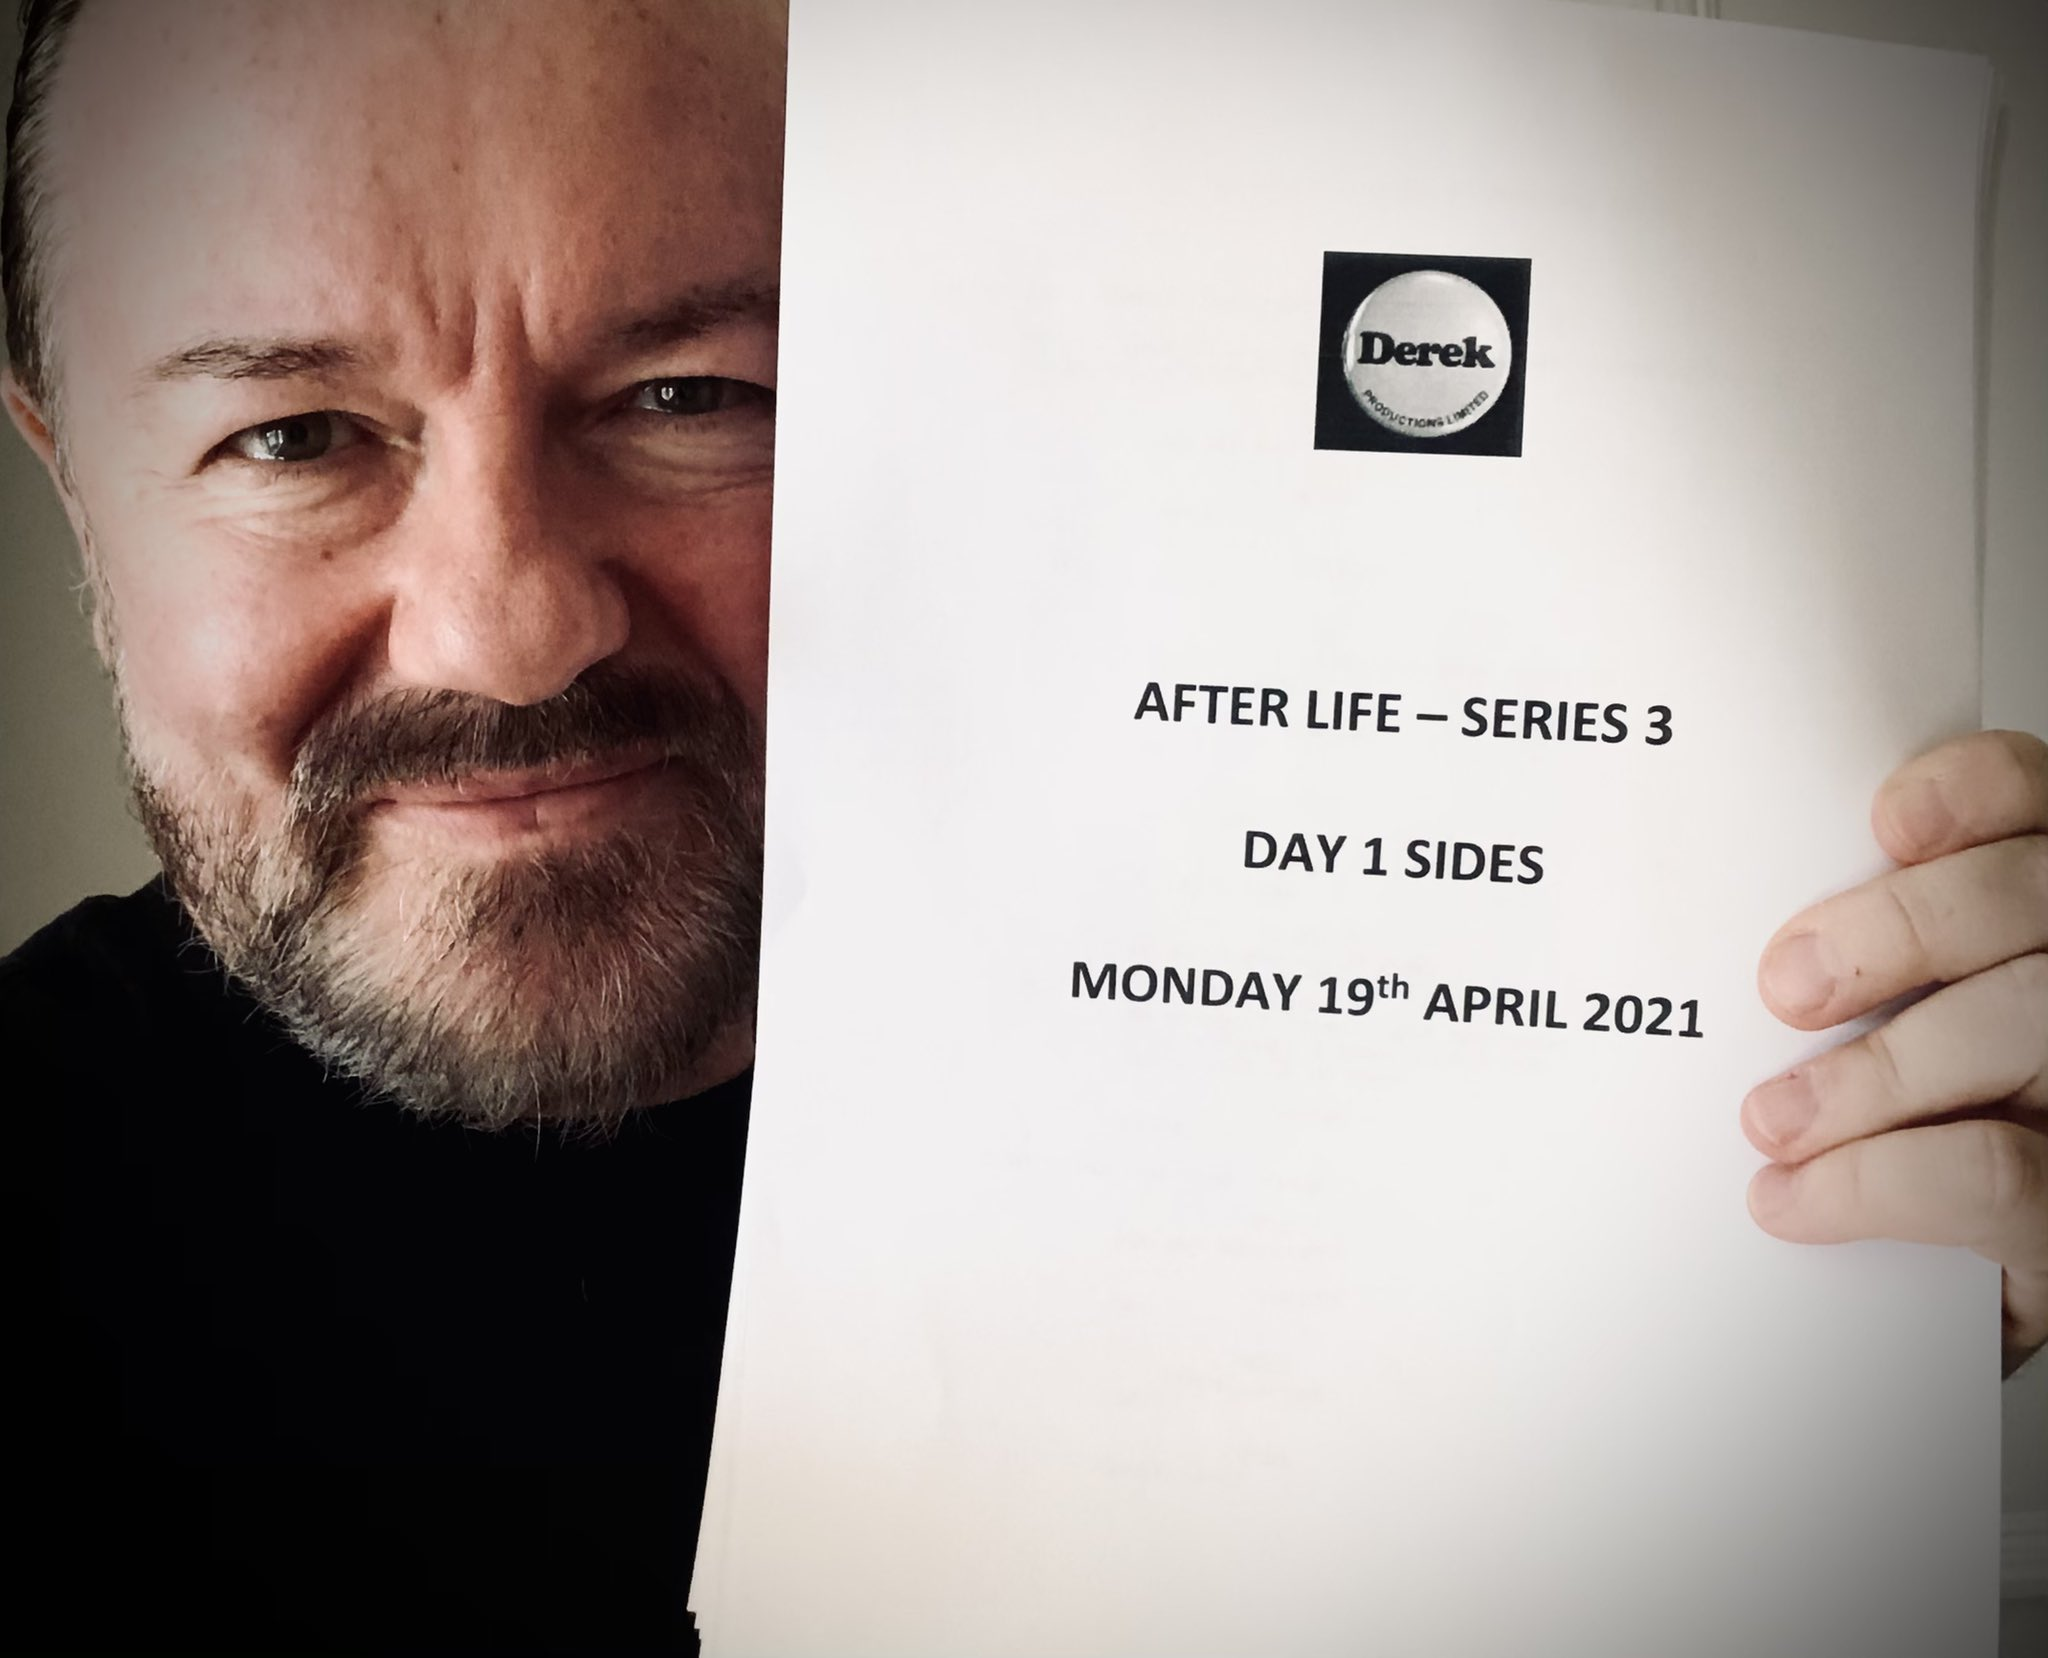 notas de produção da série 3 após a vida, abril de 2021